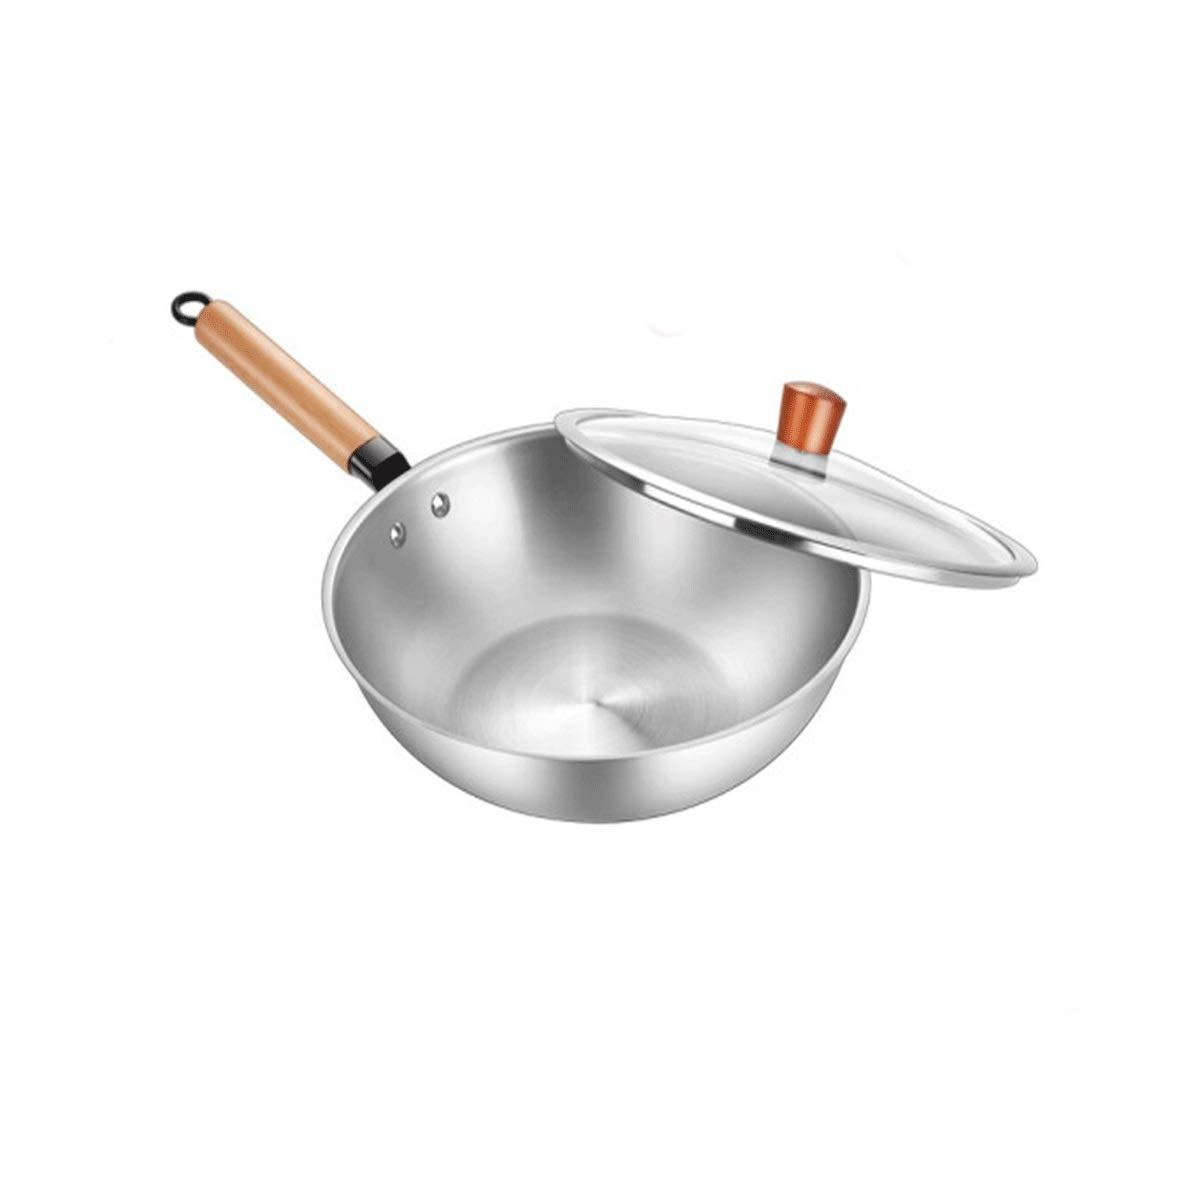 チタン中華鍋、無コーティング、中華鍋/鍋、健康的な禁煙鍋、フライパン、高品質-ガス/誘導調理器具の安全性(30cm / 32cm) (Color : Silver, Size : 32cm) 32cm Silver B07SL3JFHP